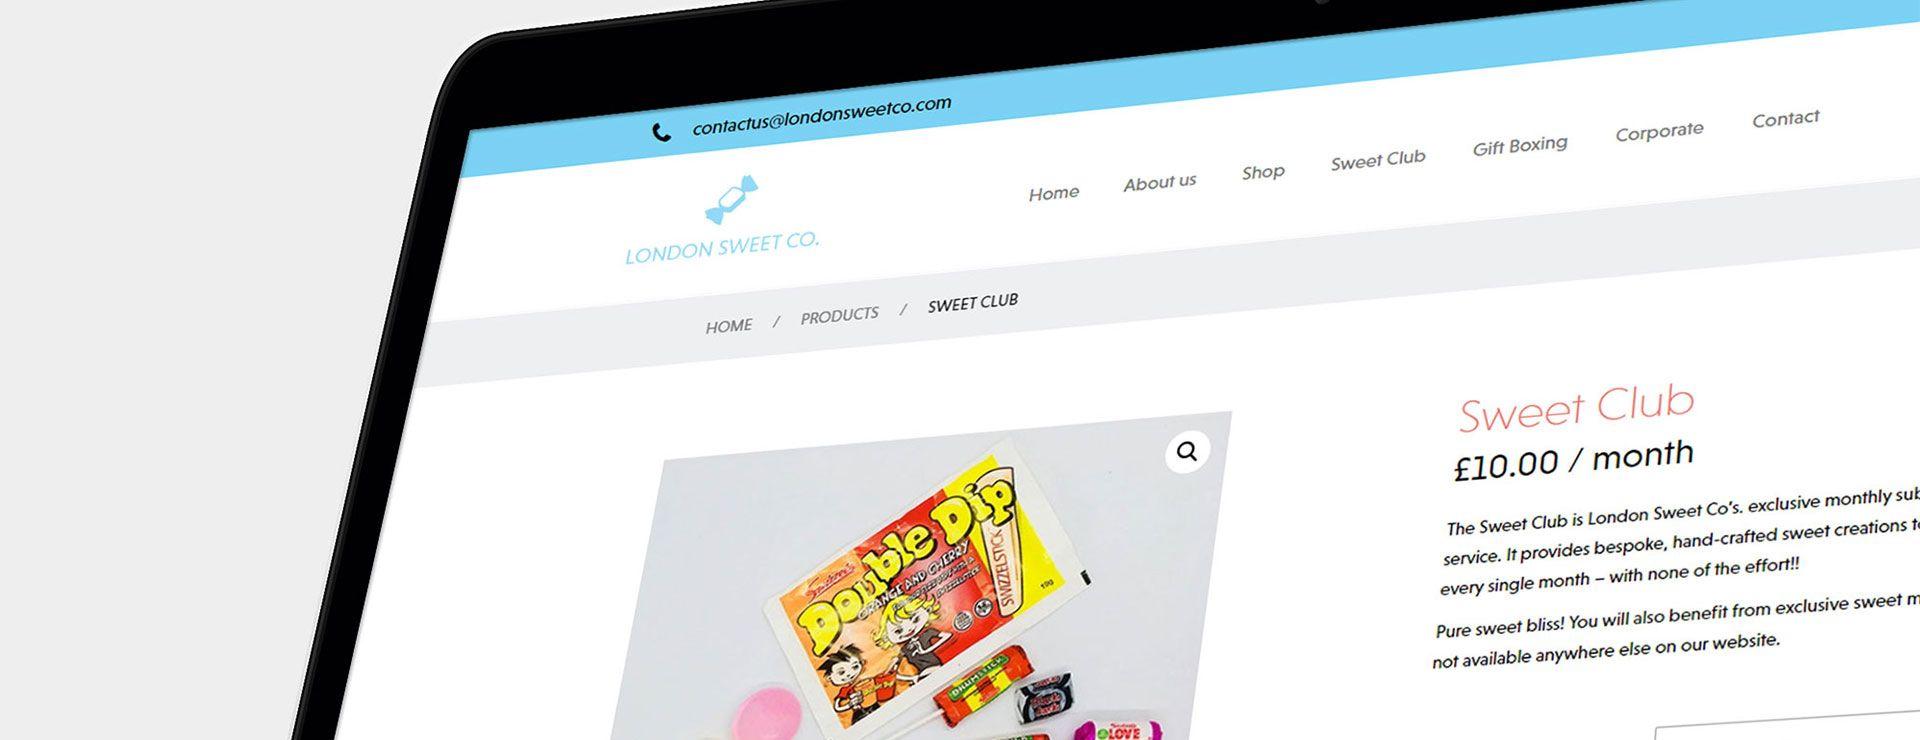 London Sweet Co. Website